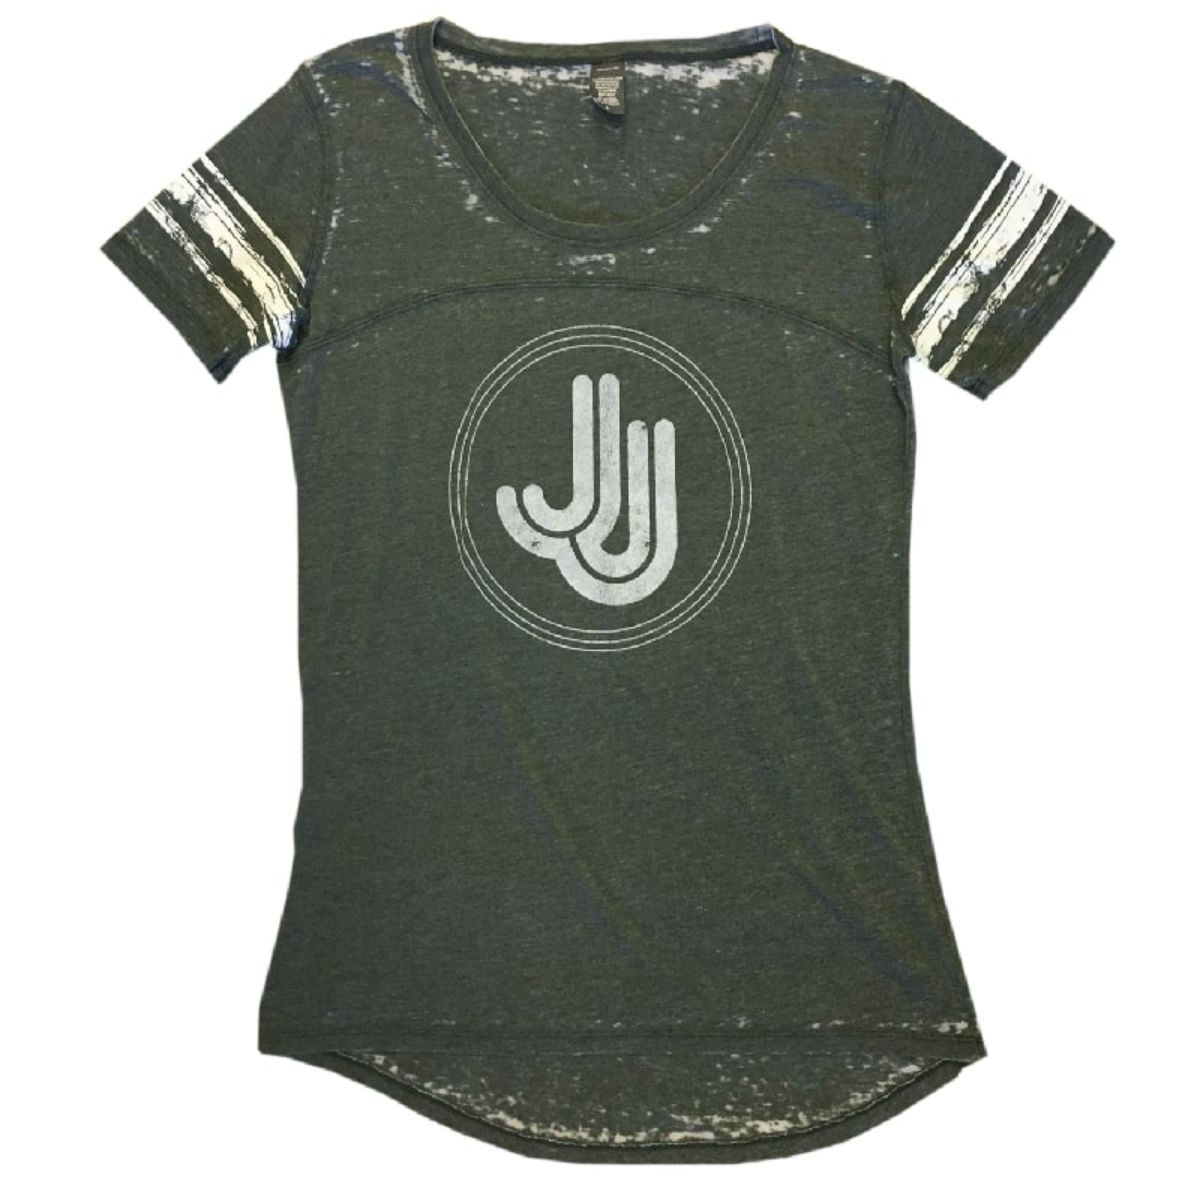 JJ Grey Stripe Jersey Tee